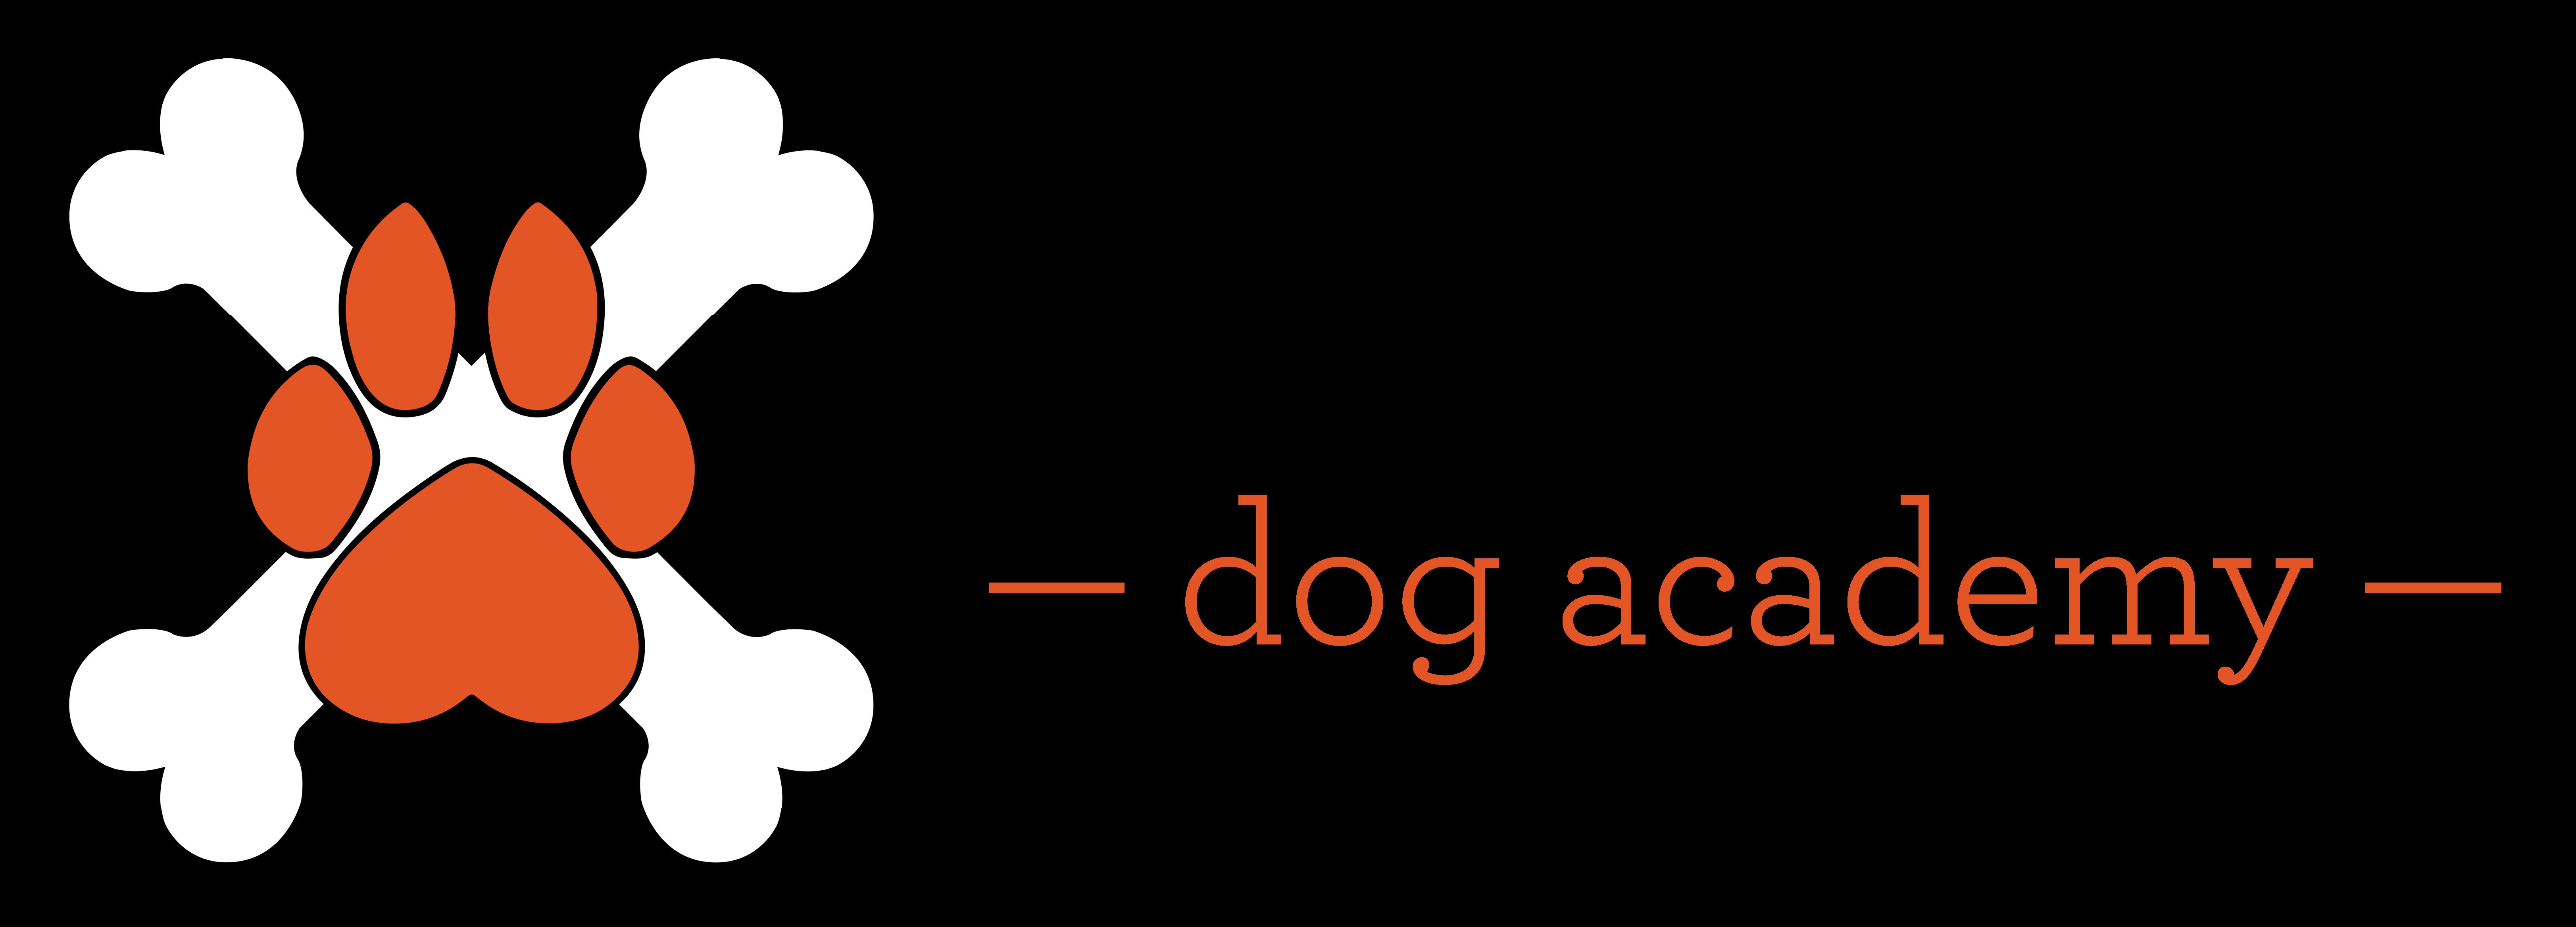 Crossbones Dog Academy